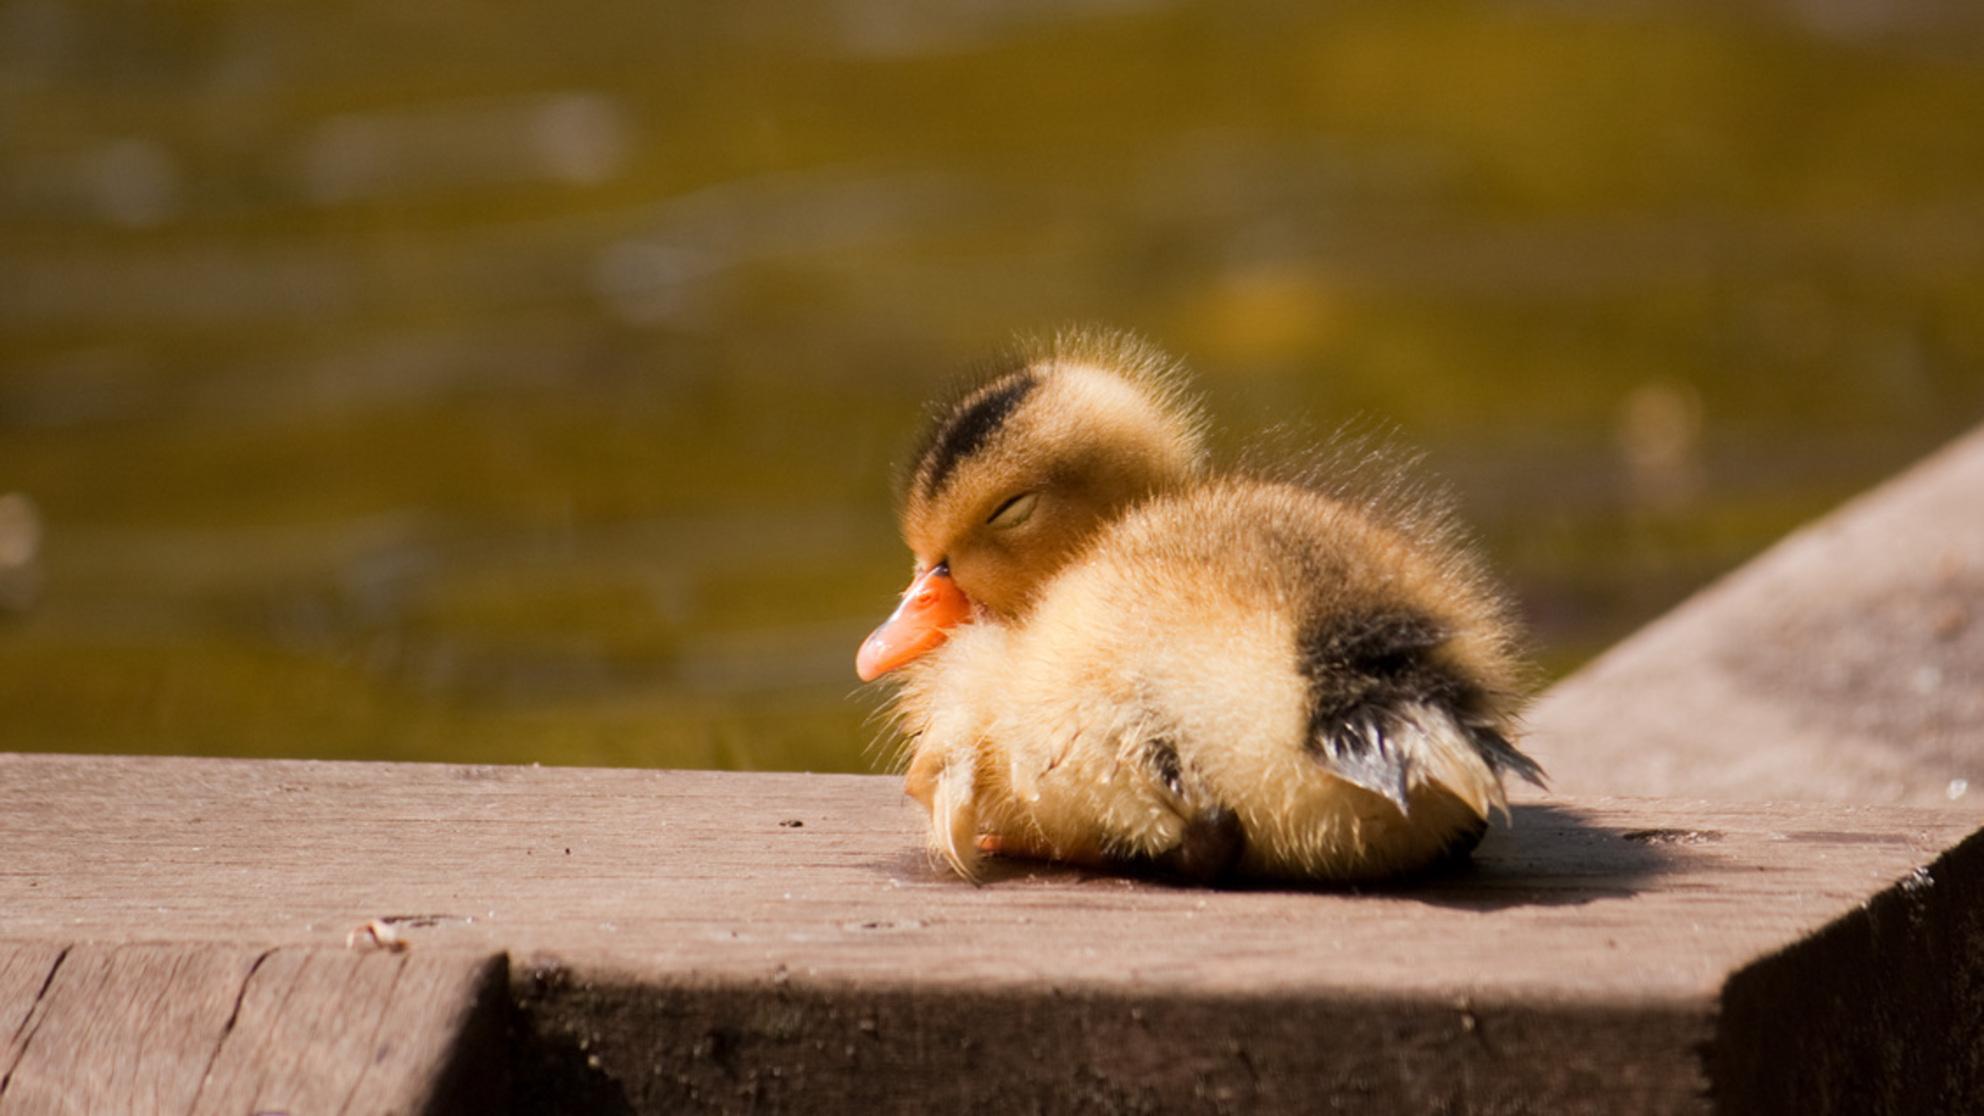 Jong eentje - Een jong eentje die net uit de vijver kwam. - foto door bernardfalkena op 25-05-2010 - deze foto bevat: klein, jong, kuikentje, eentje - Deze foto mag gebruikt worden in een Zoom.nl publicatie